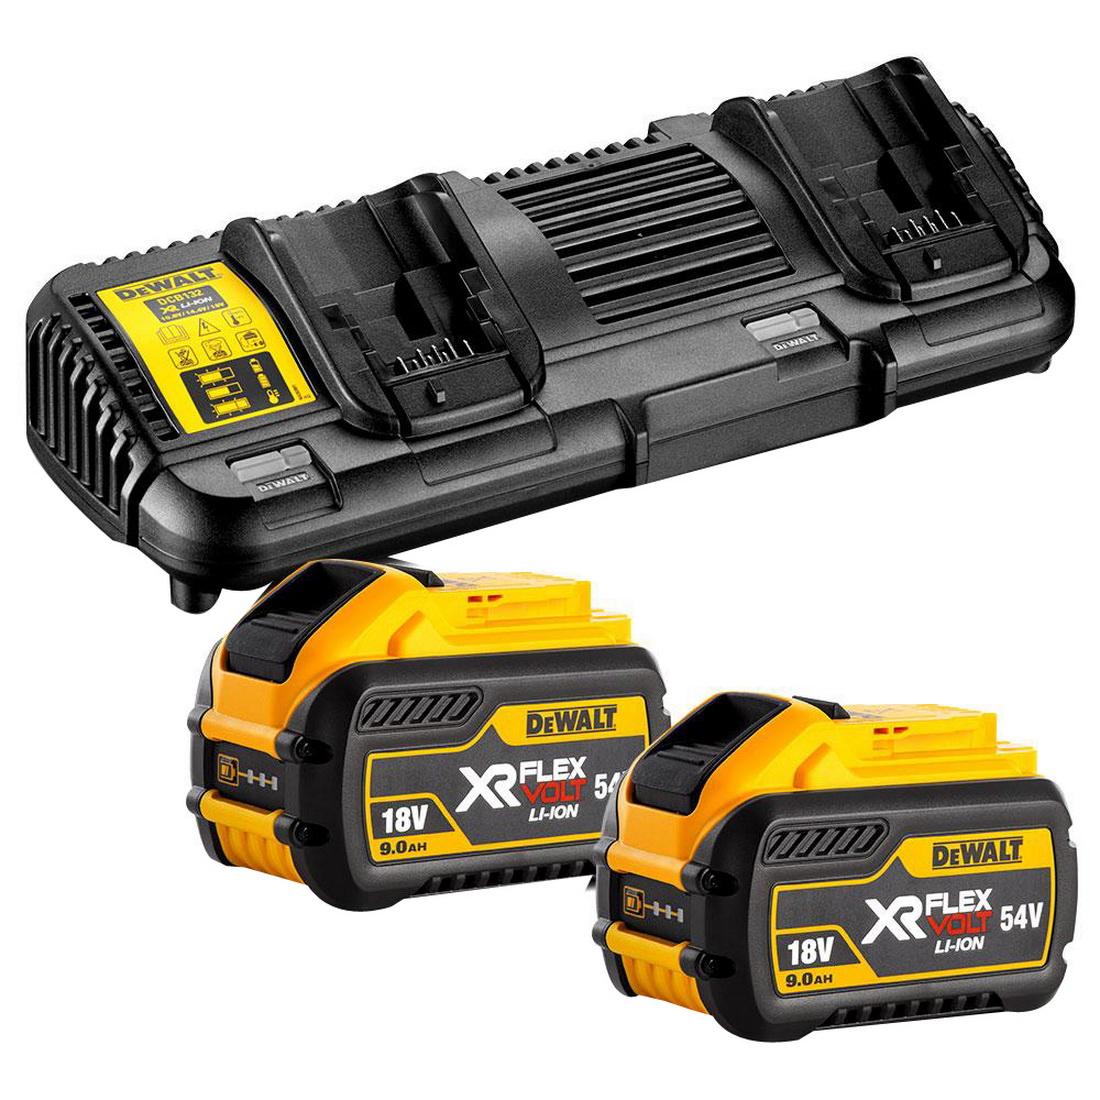 FLEXVOLT 18/54V 9Ah XR Battery & Charger Starter Pack (2 x DCB547-XE, 1 x DCB132-XE Kit)